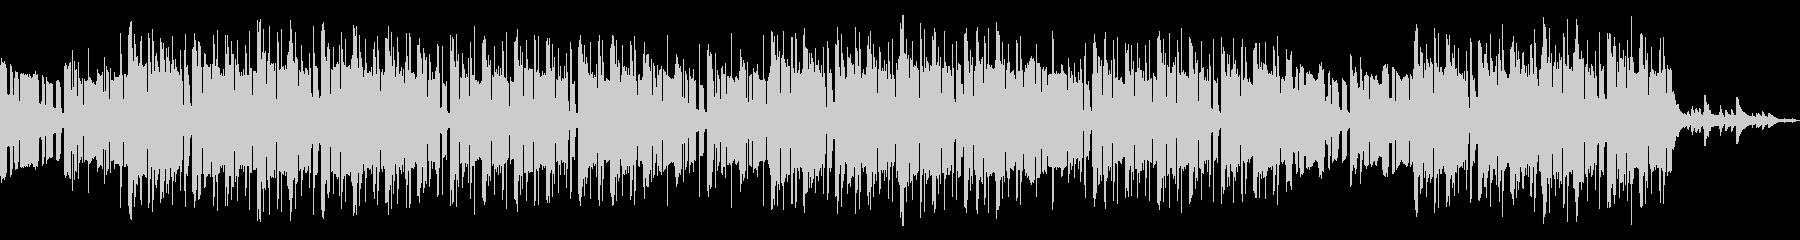 お洒落なローファイピアノヒップホップの未再生の波形